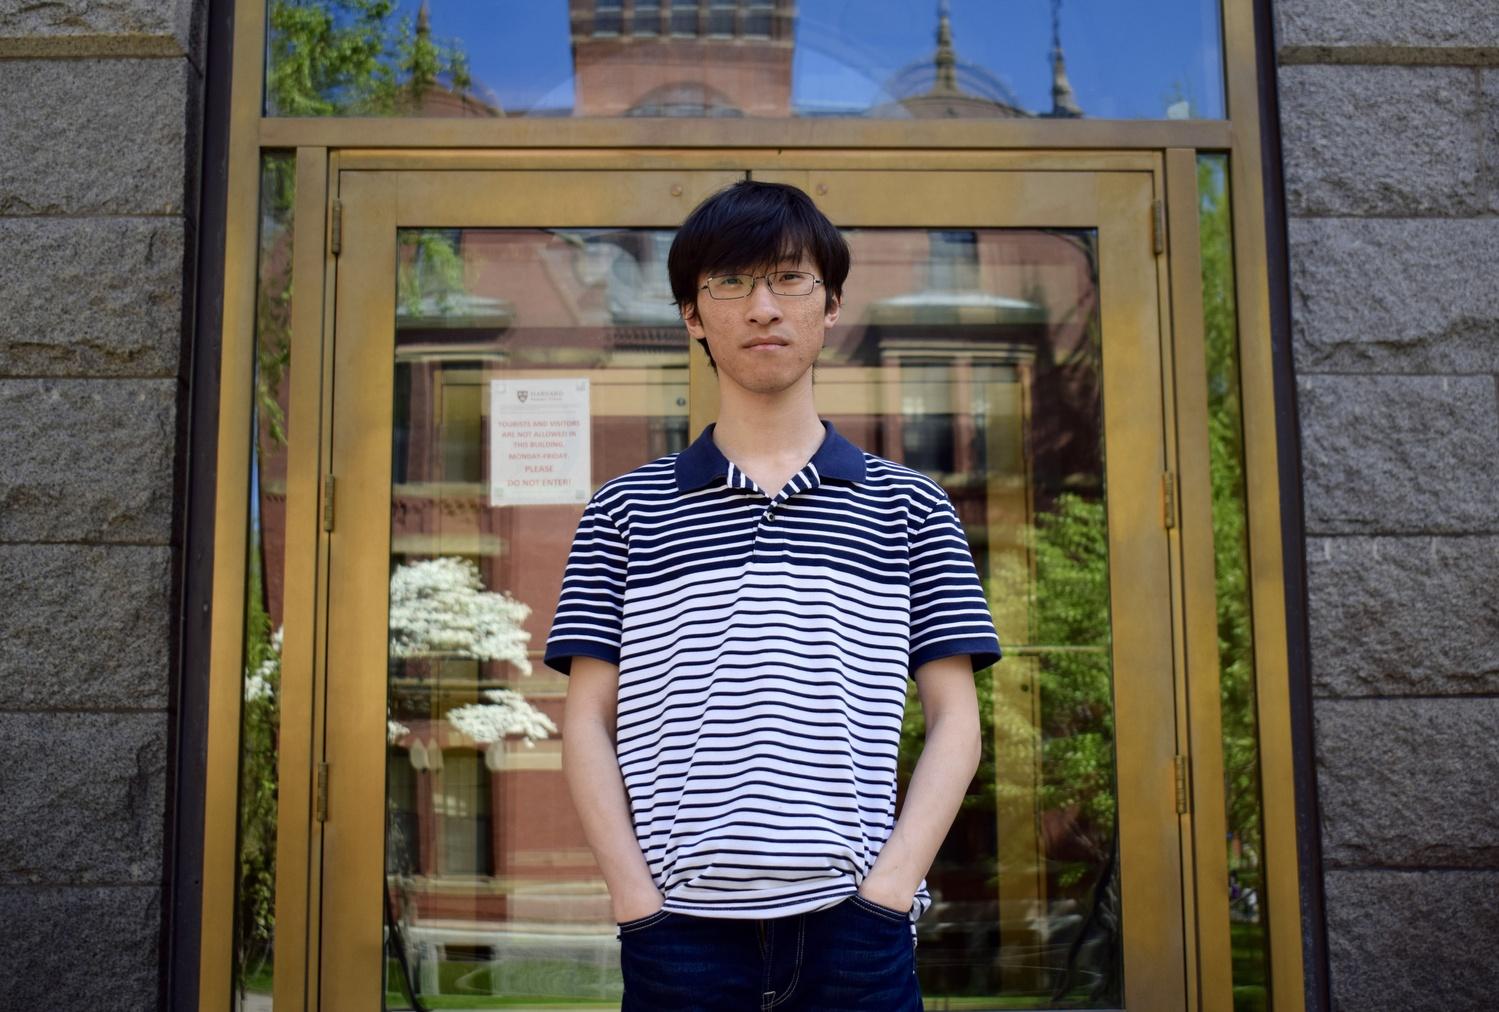 Yueran Zhang